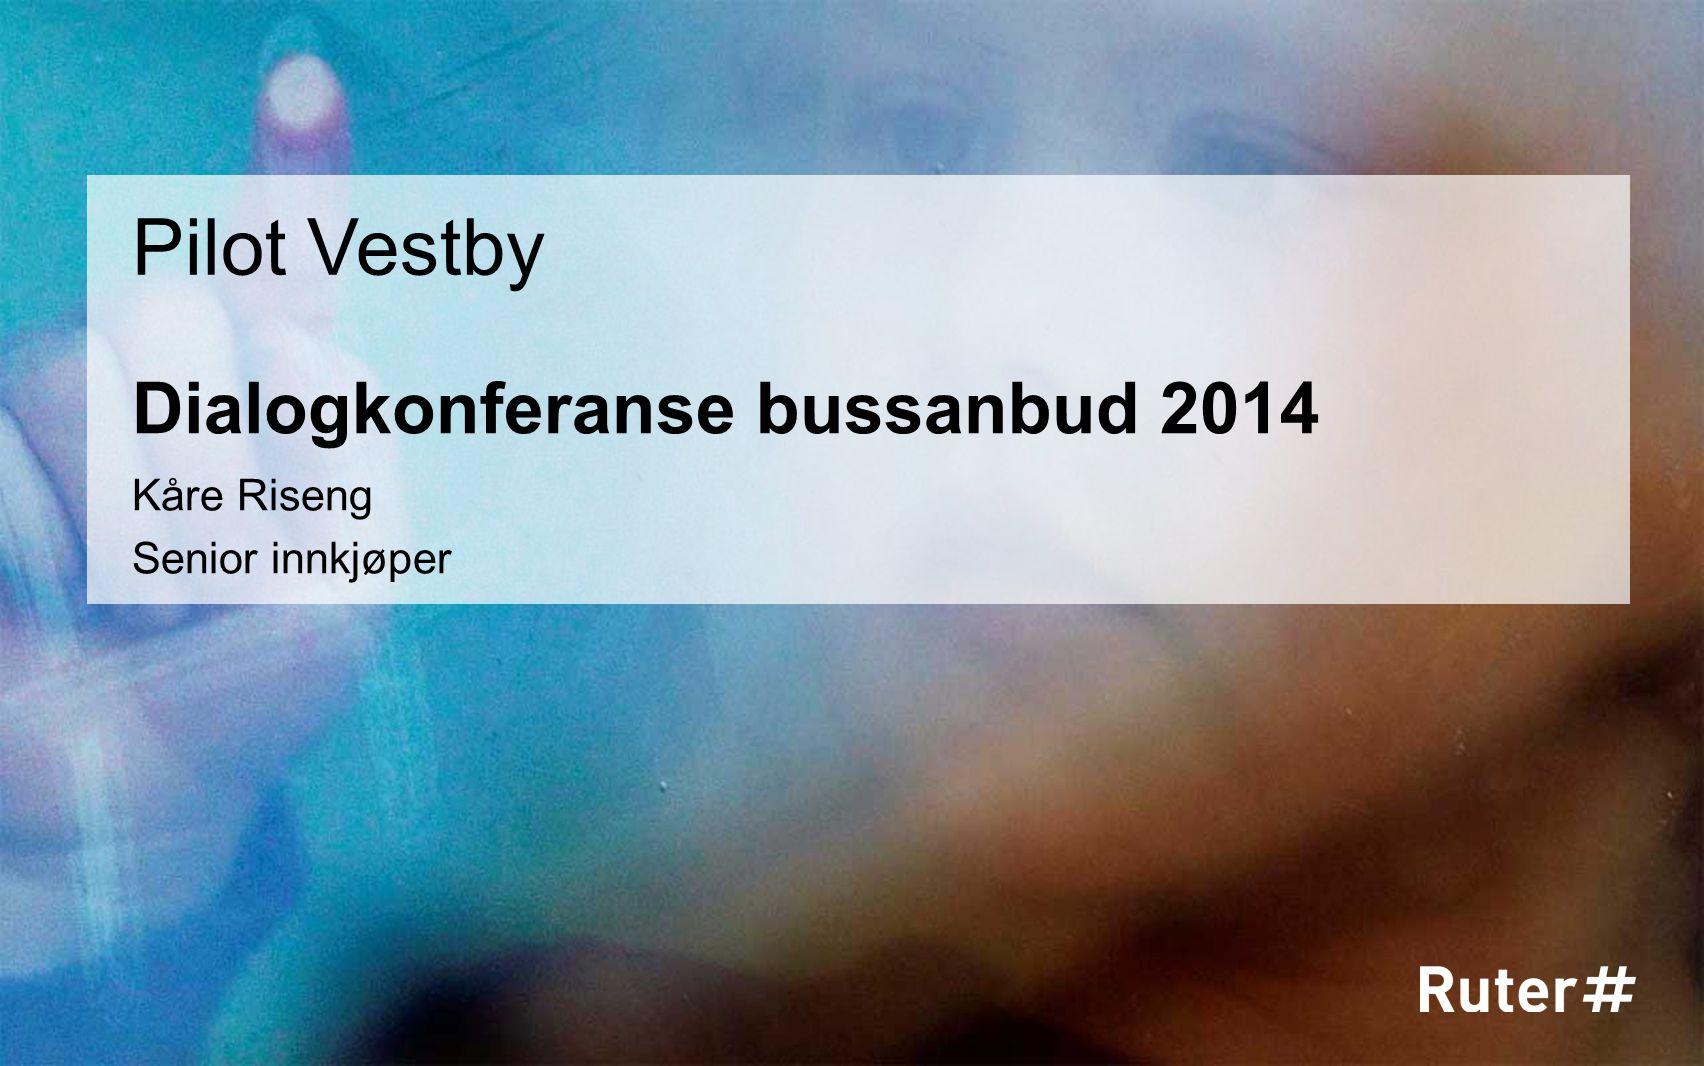 Dialogkonferanse bussanbud 2014 Pilot Vestby Kåre Riseng Senior innkjøper